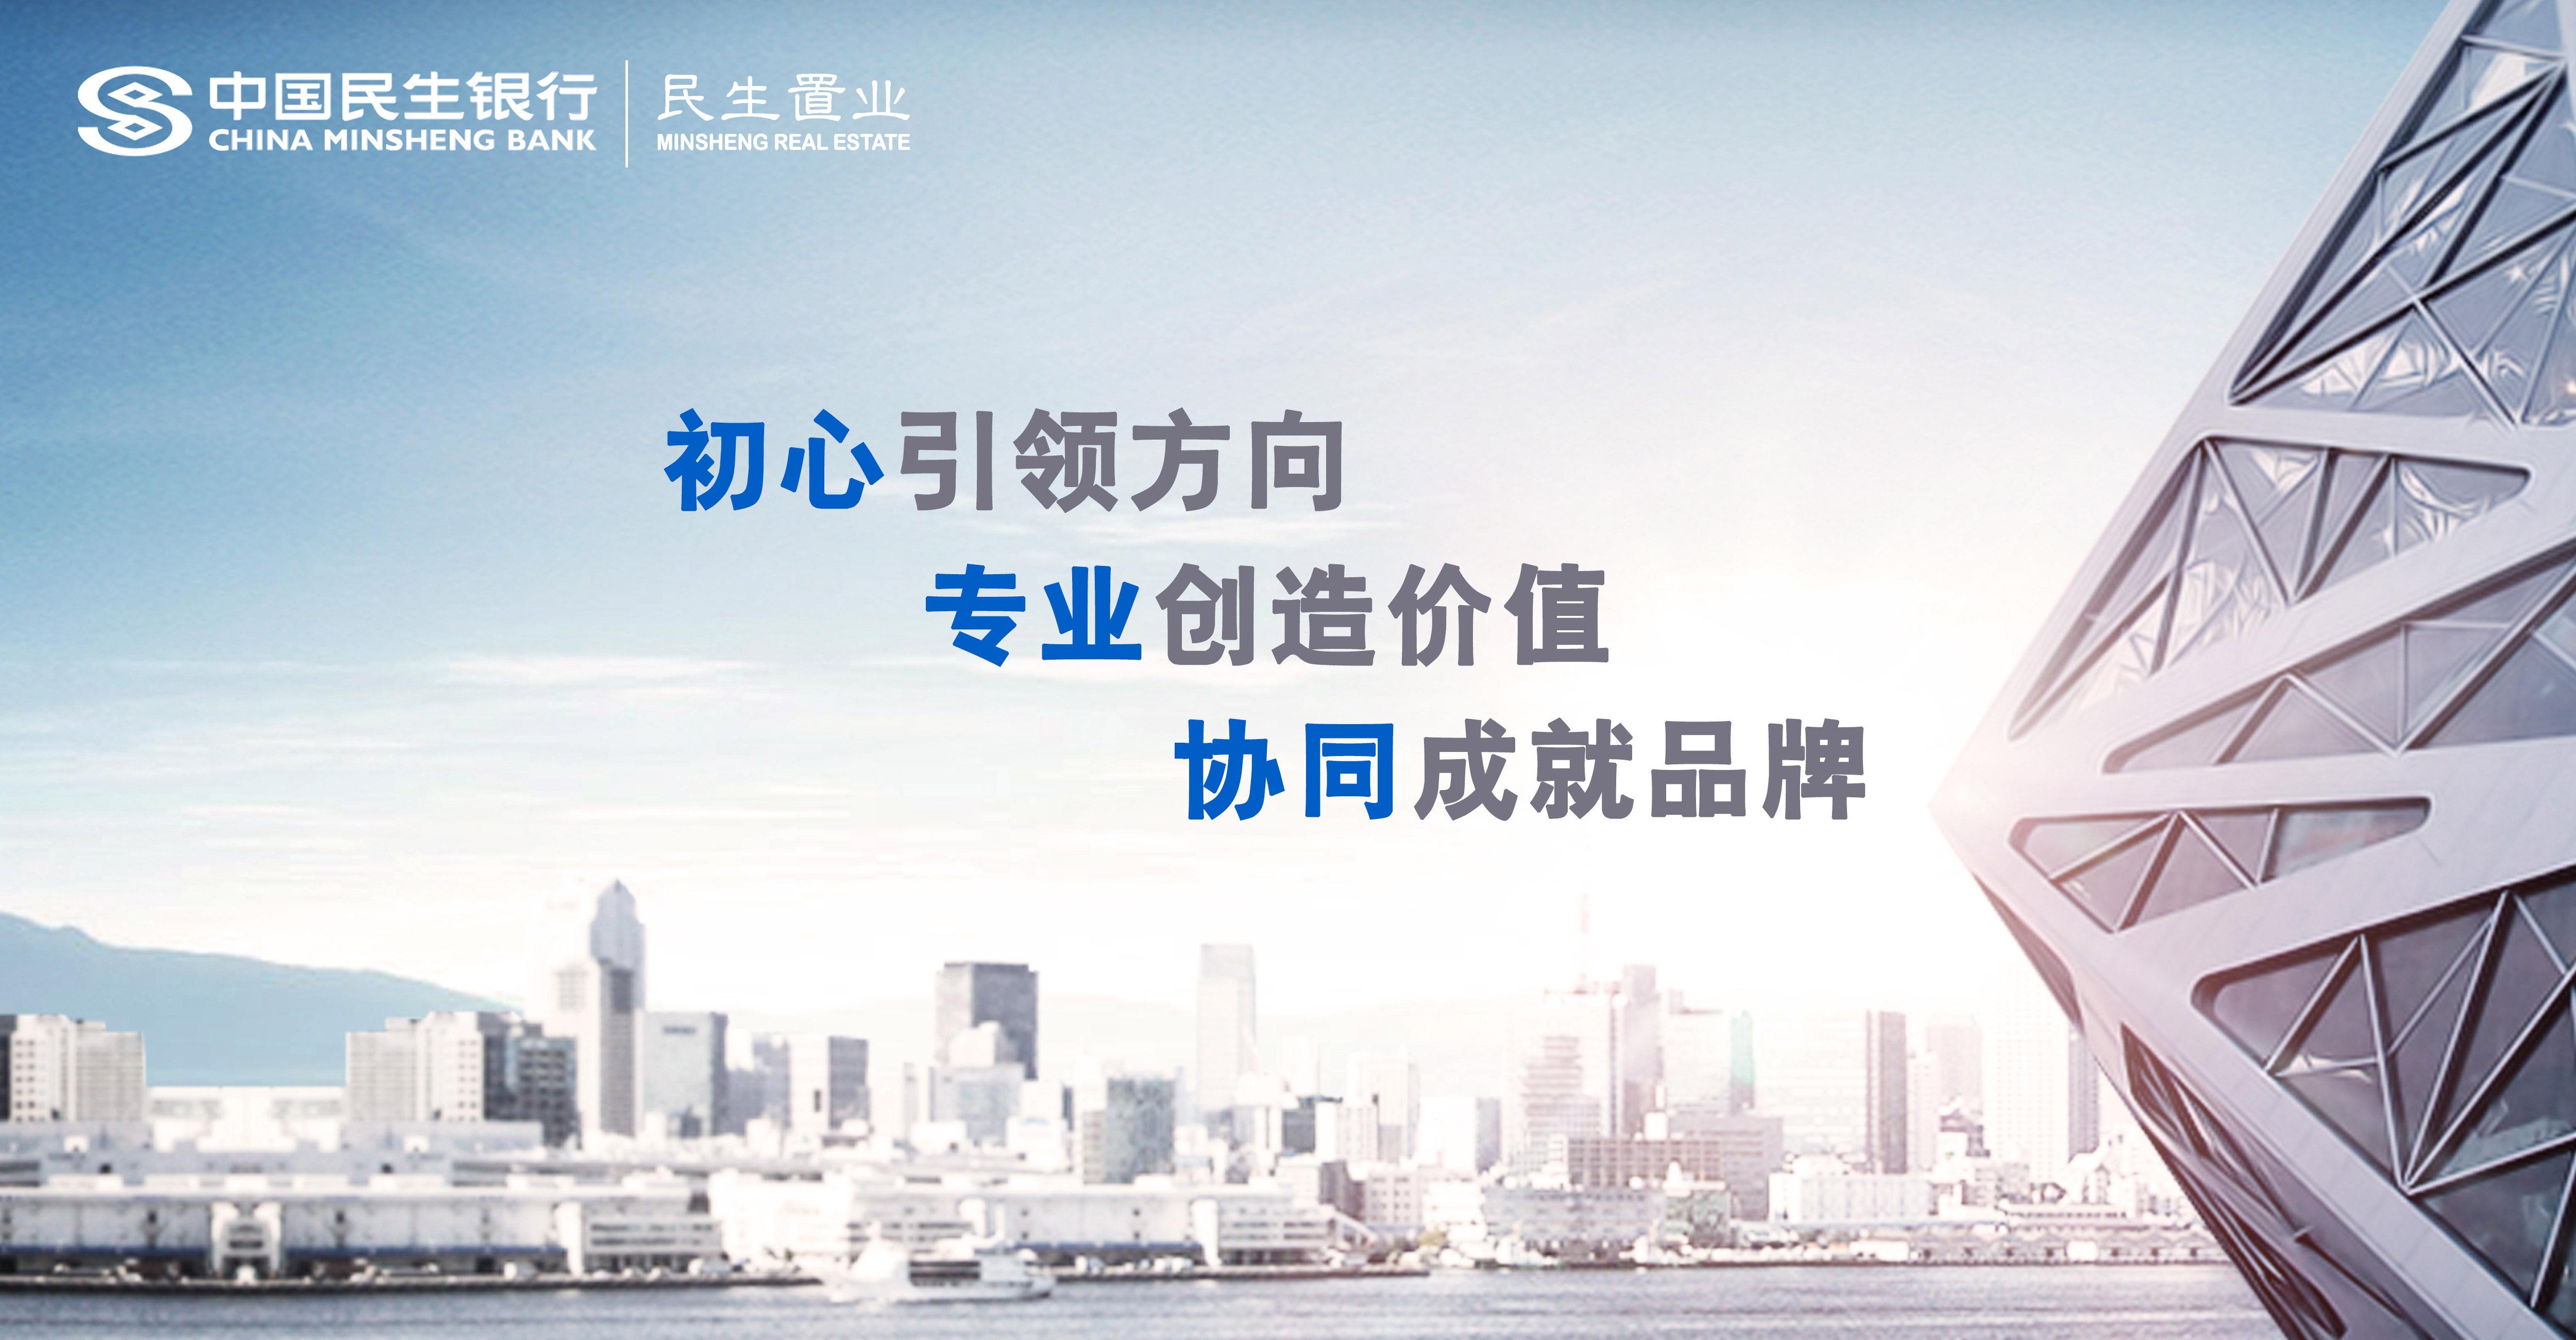 如何解决中国民生银行现有的财务问题